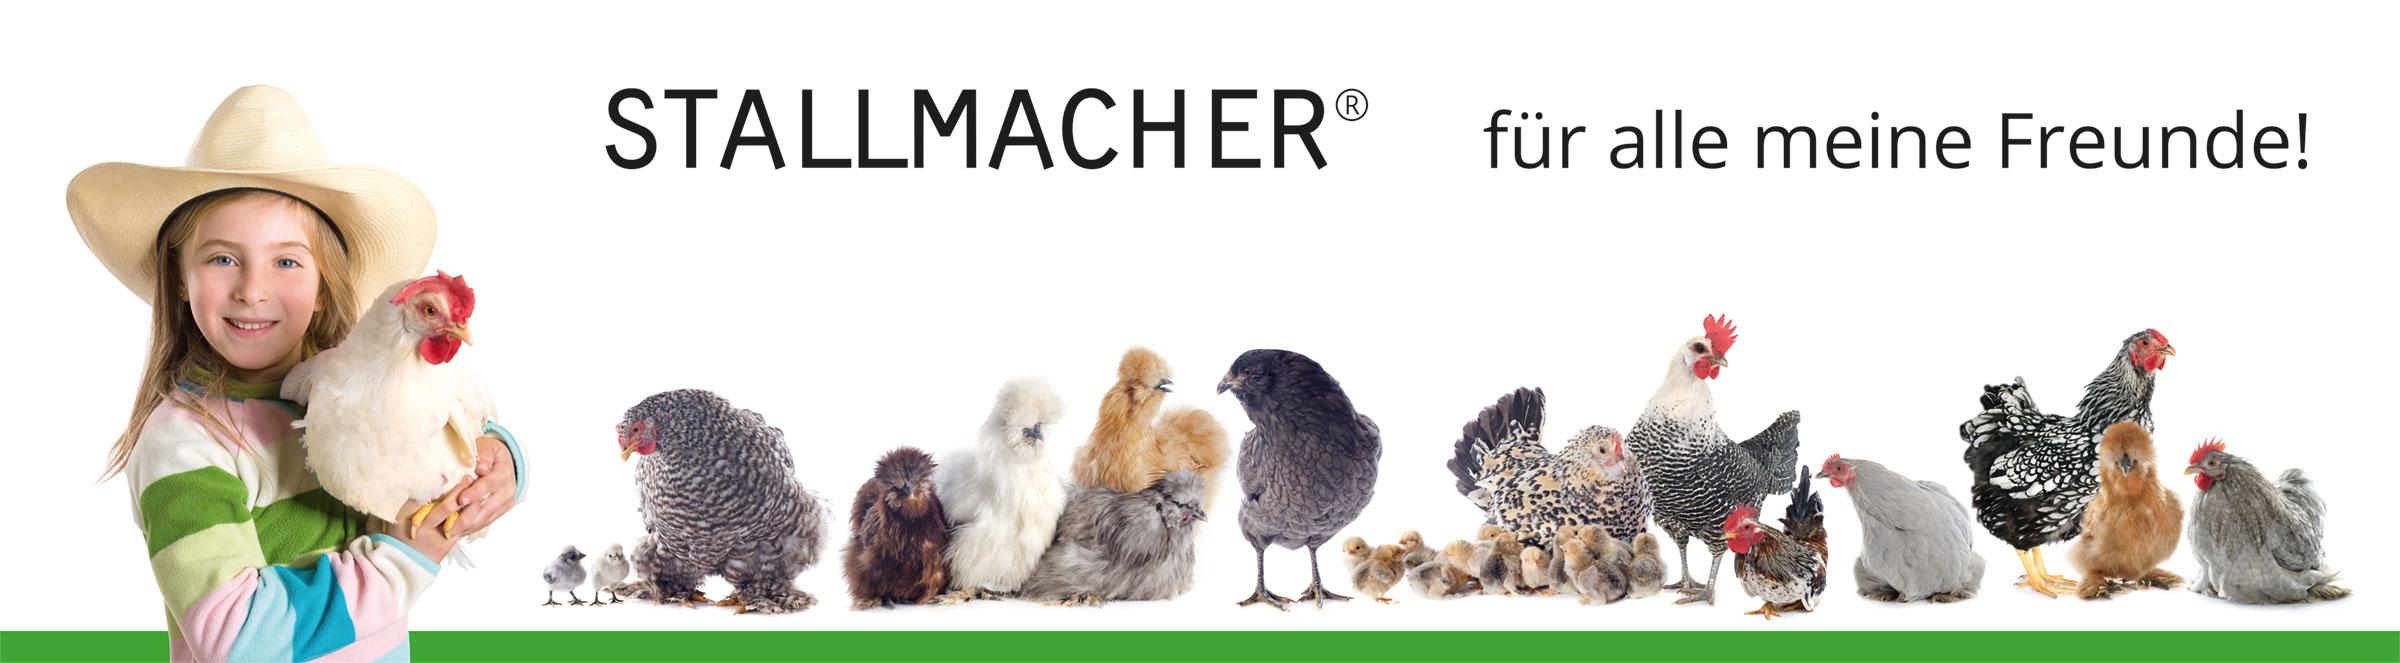 STALLMACHER - für alle meine Freunde!